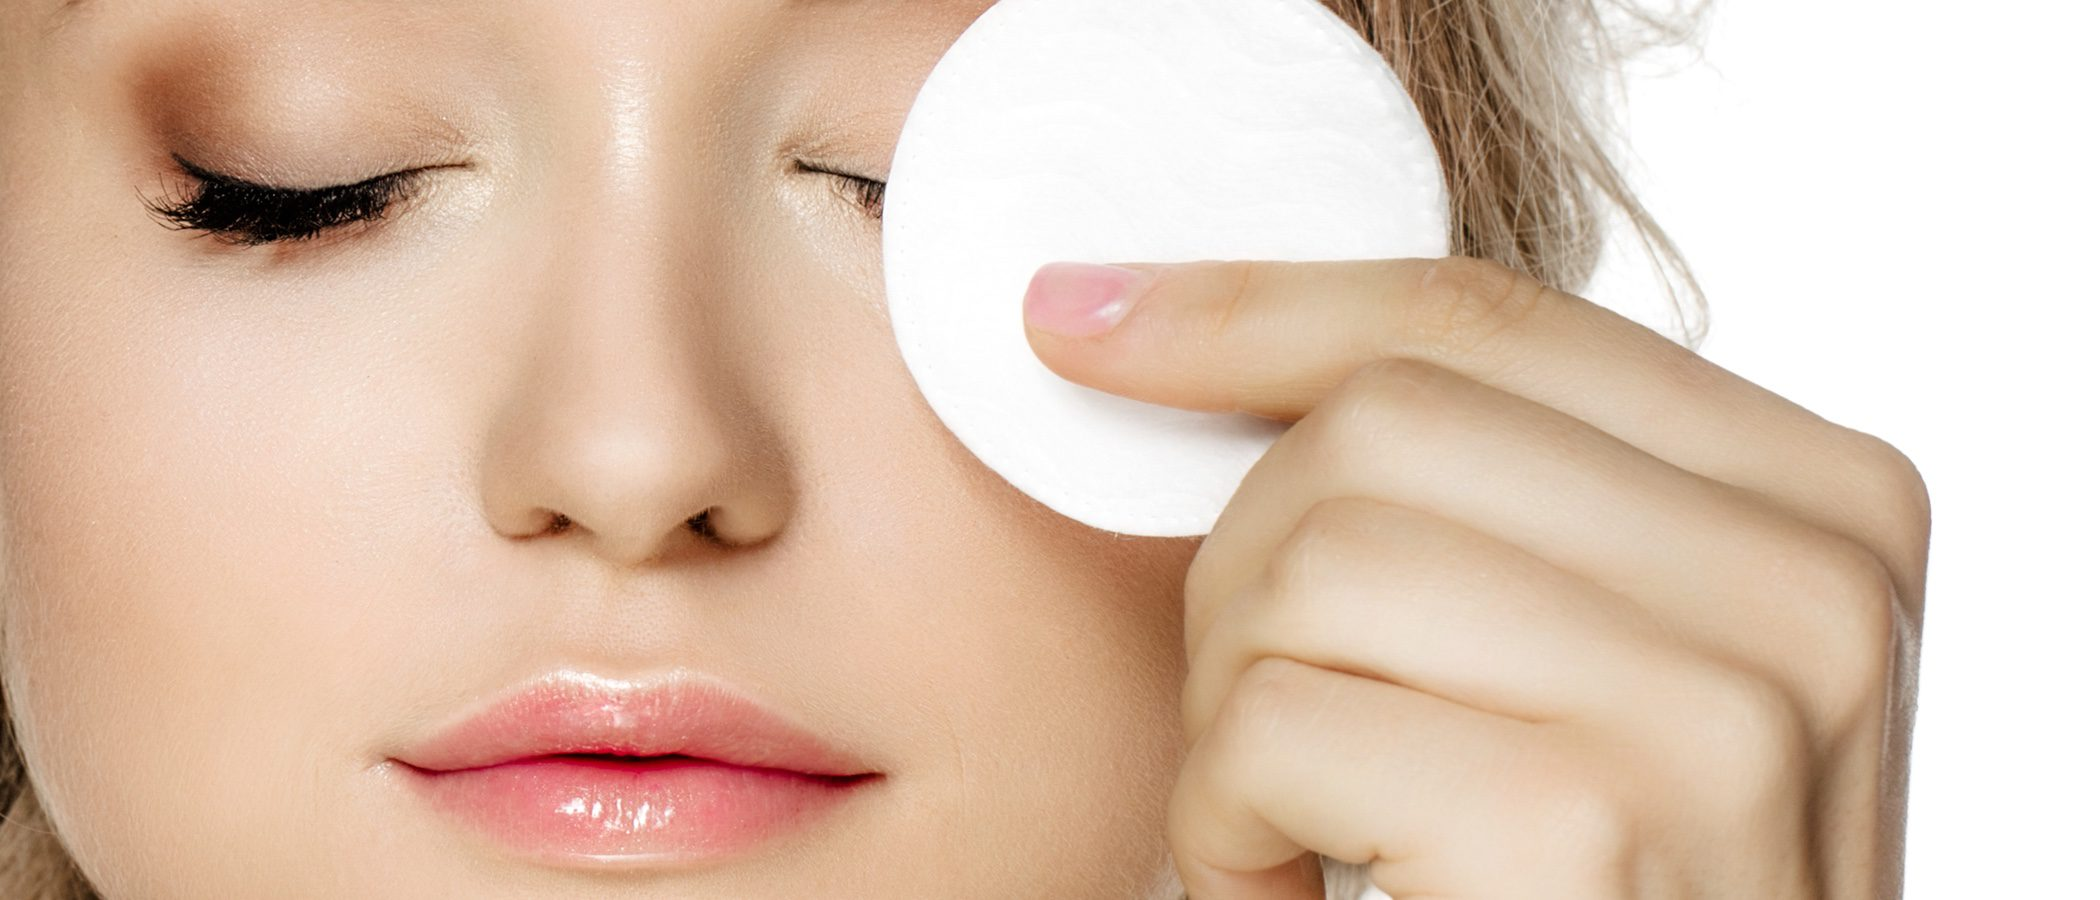 Cómo limpiar la piel grasa